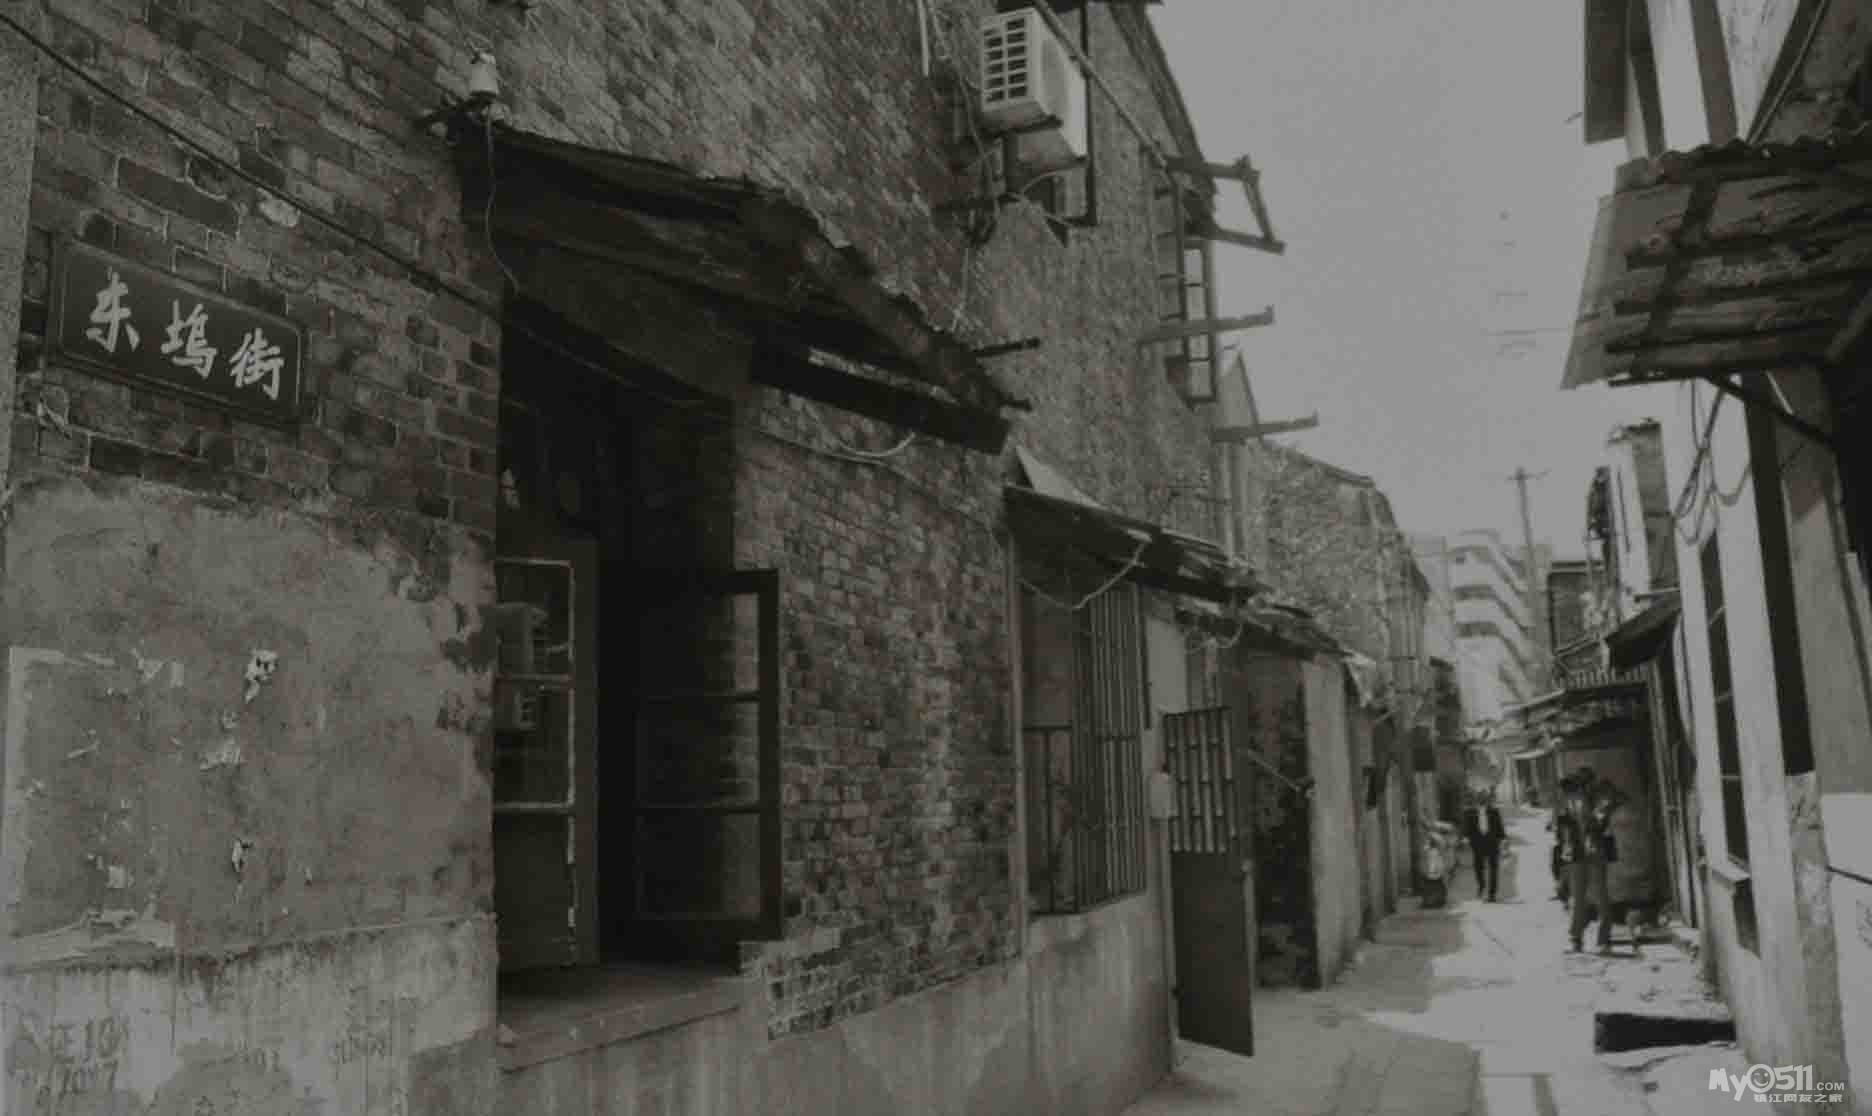 镇江的老照片-----消失的老镇江